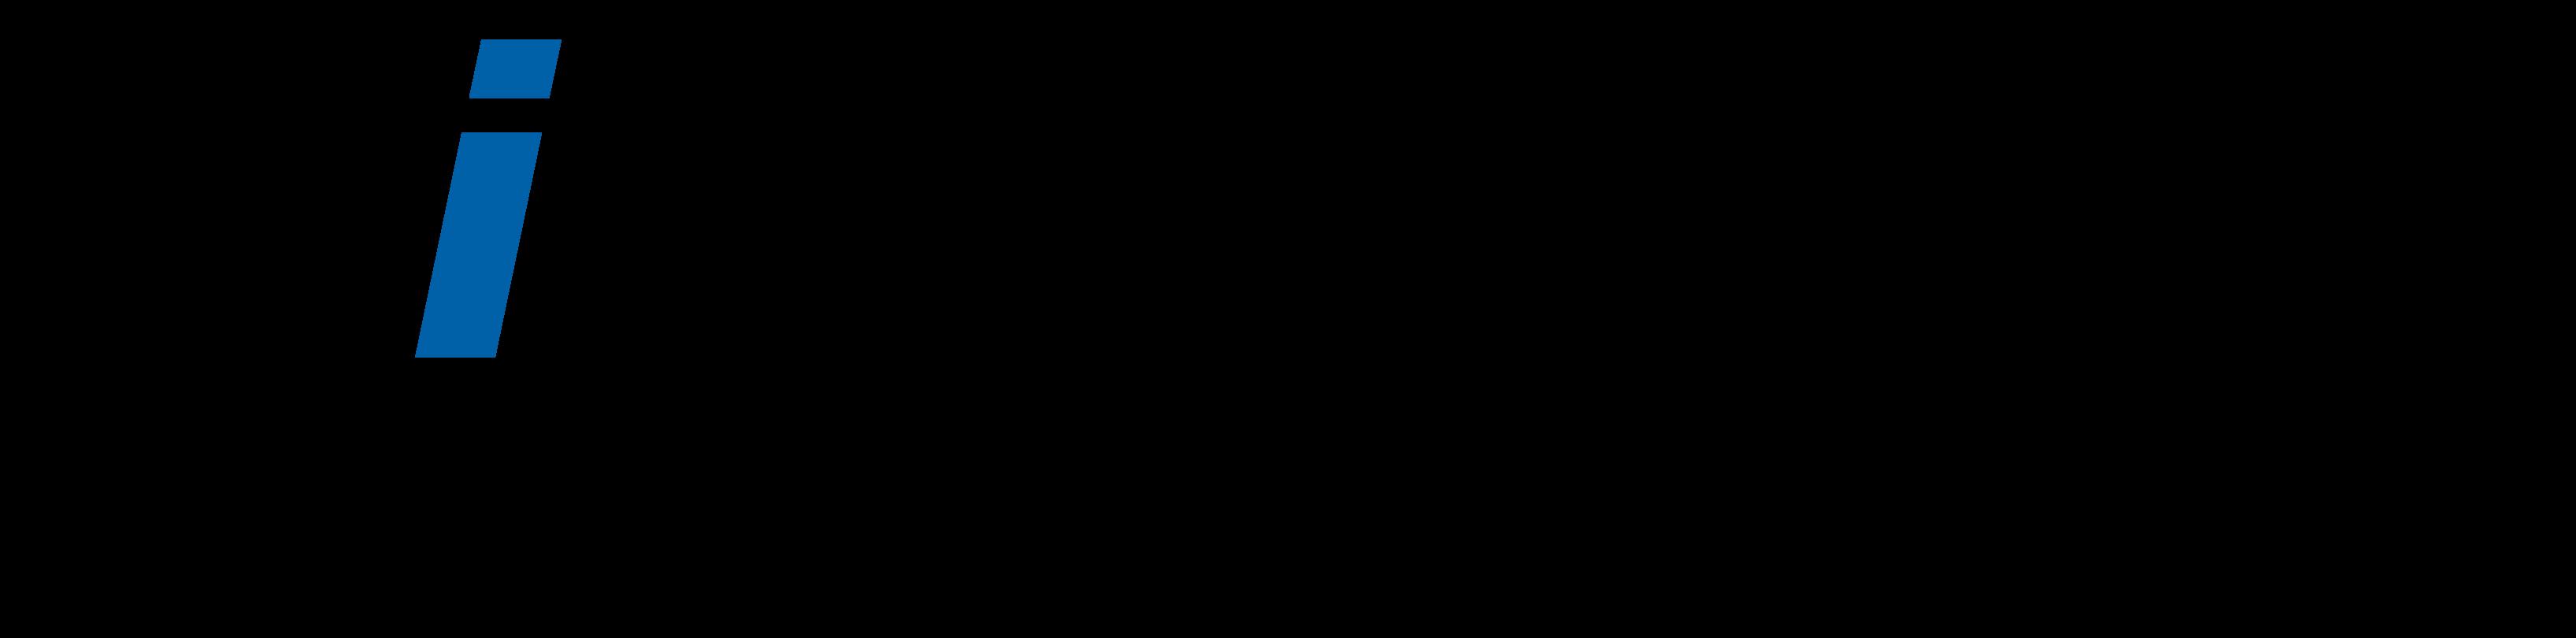 Triflex Treuhand AG